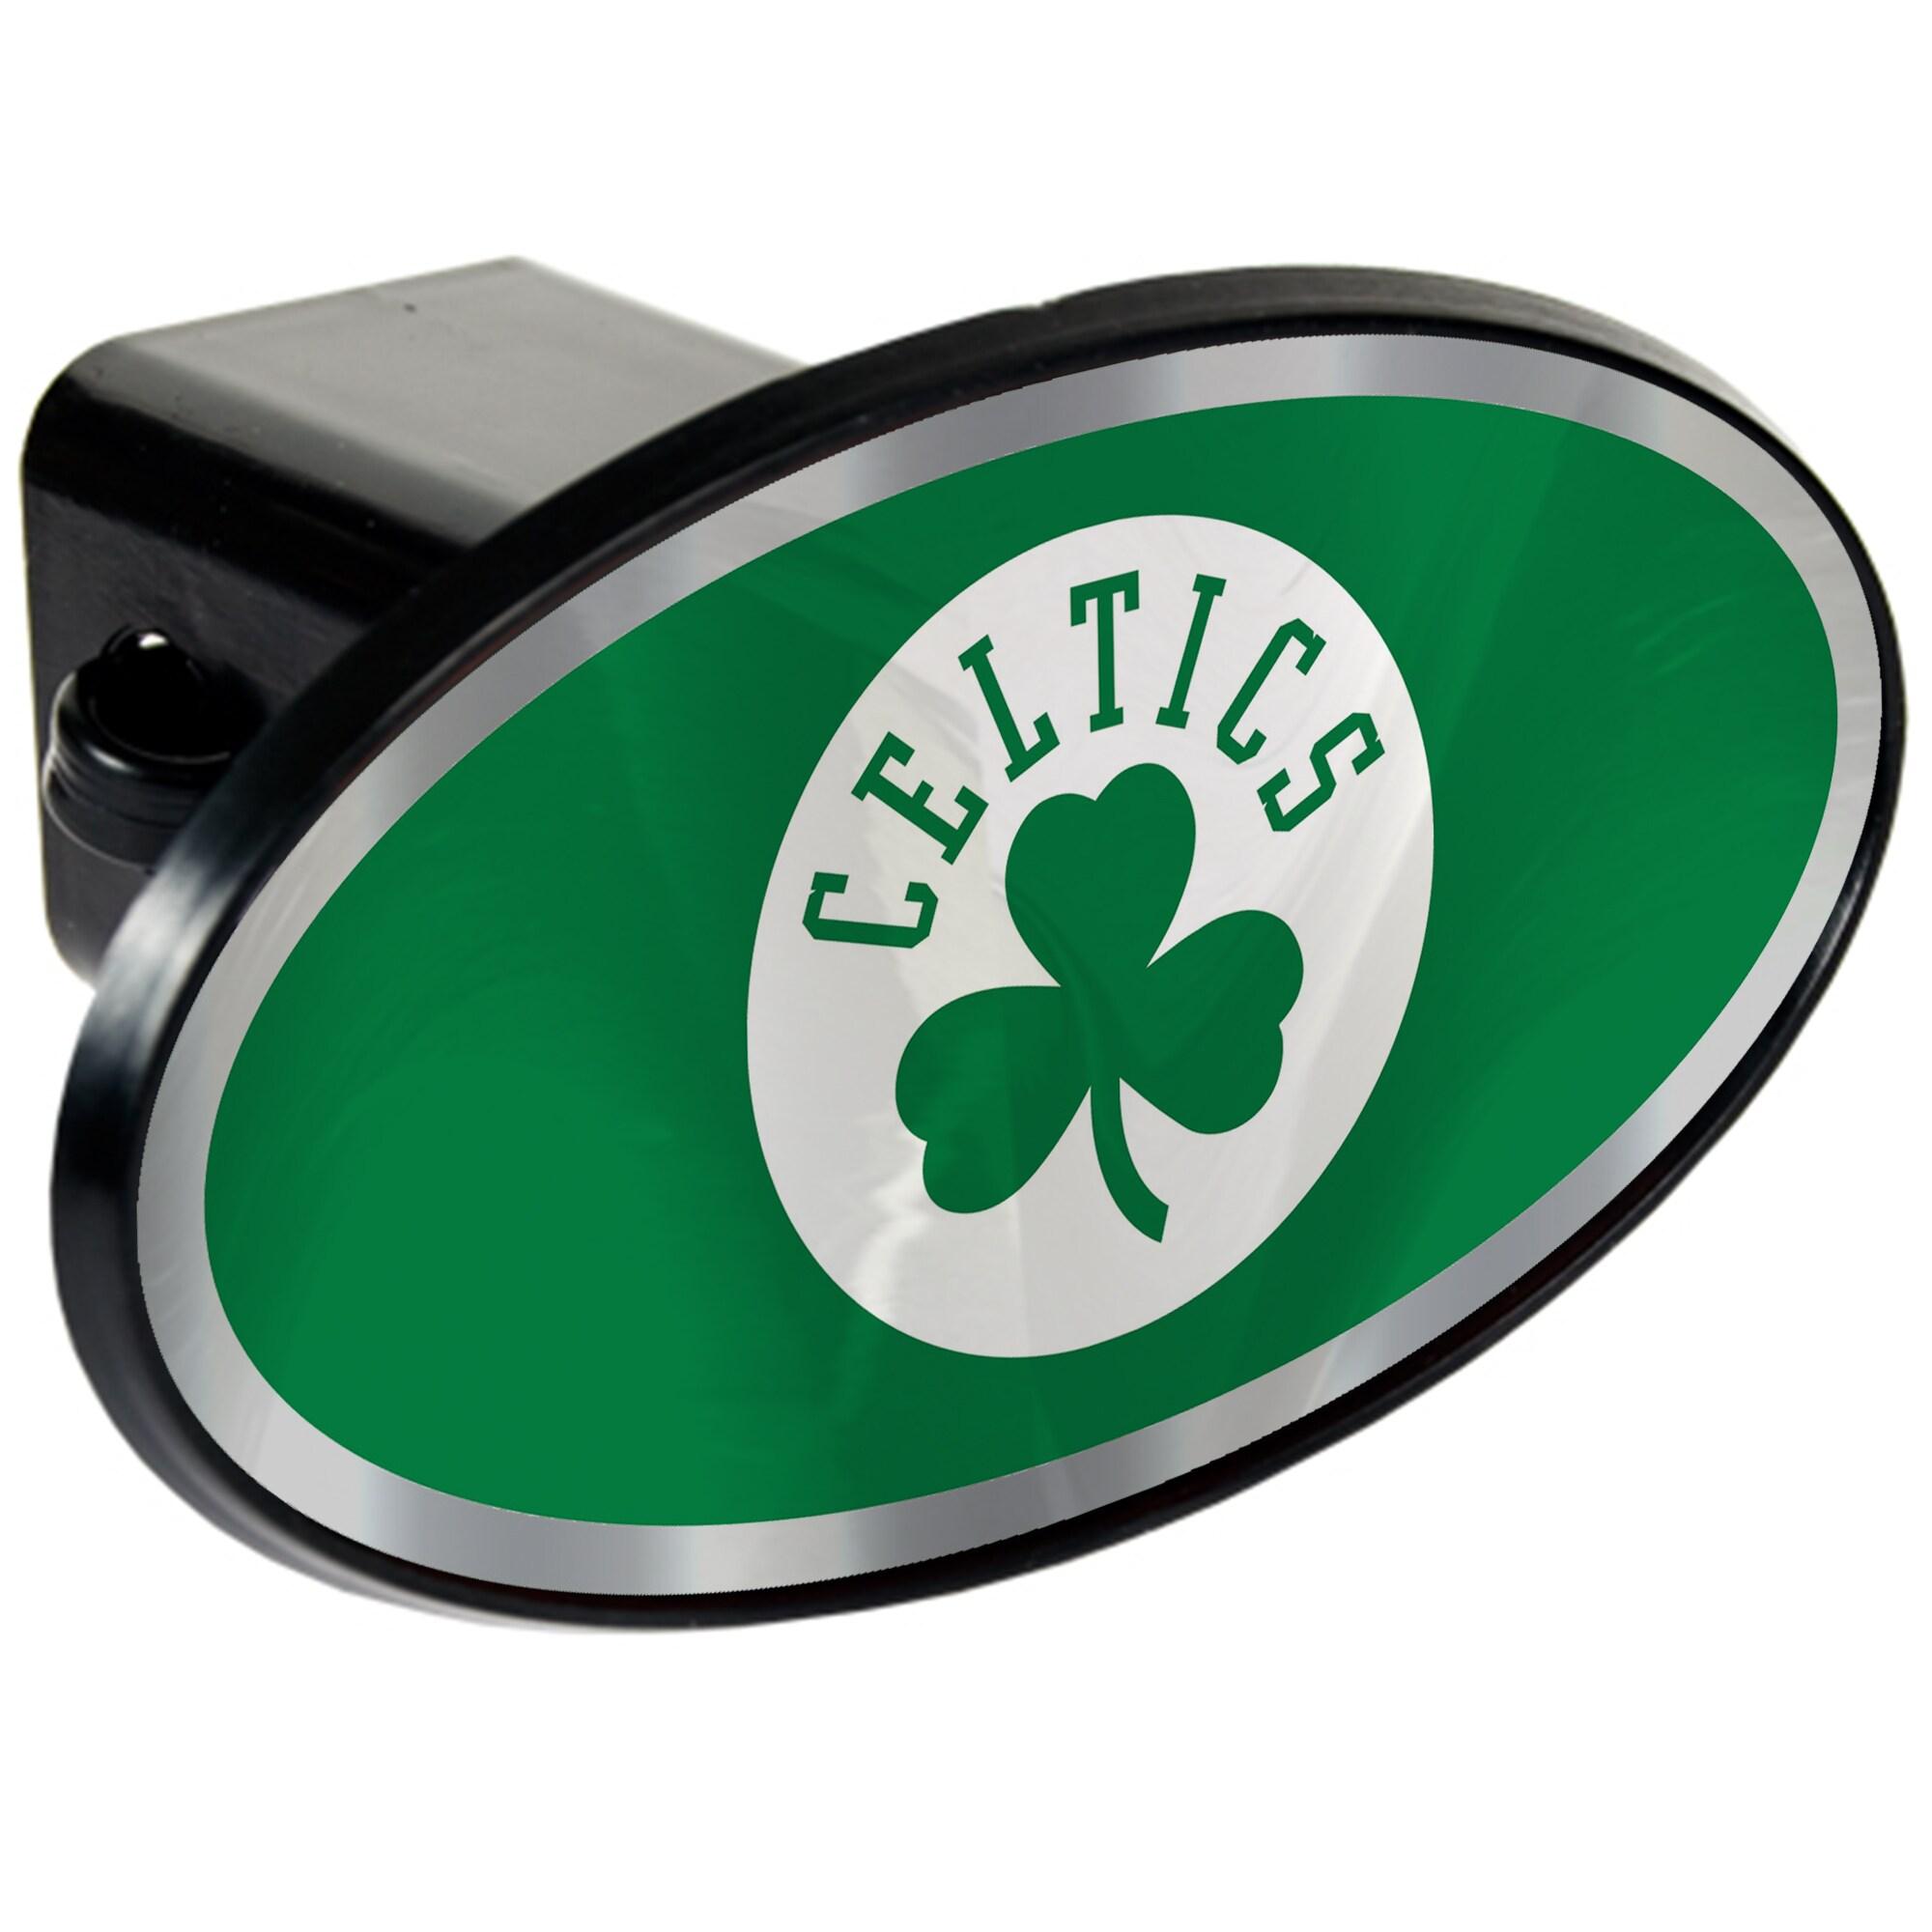 Boston Celtics Oval Car Hitch Cover